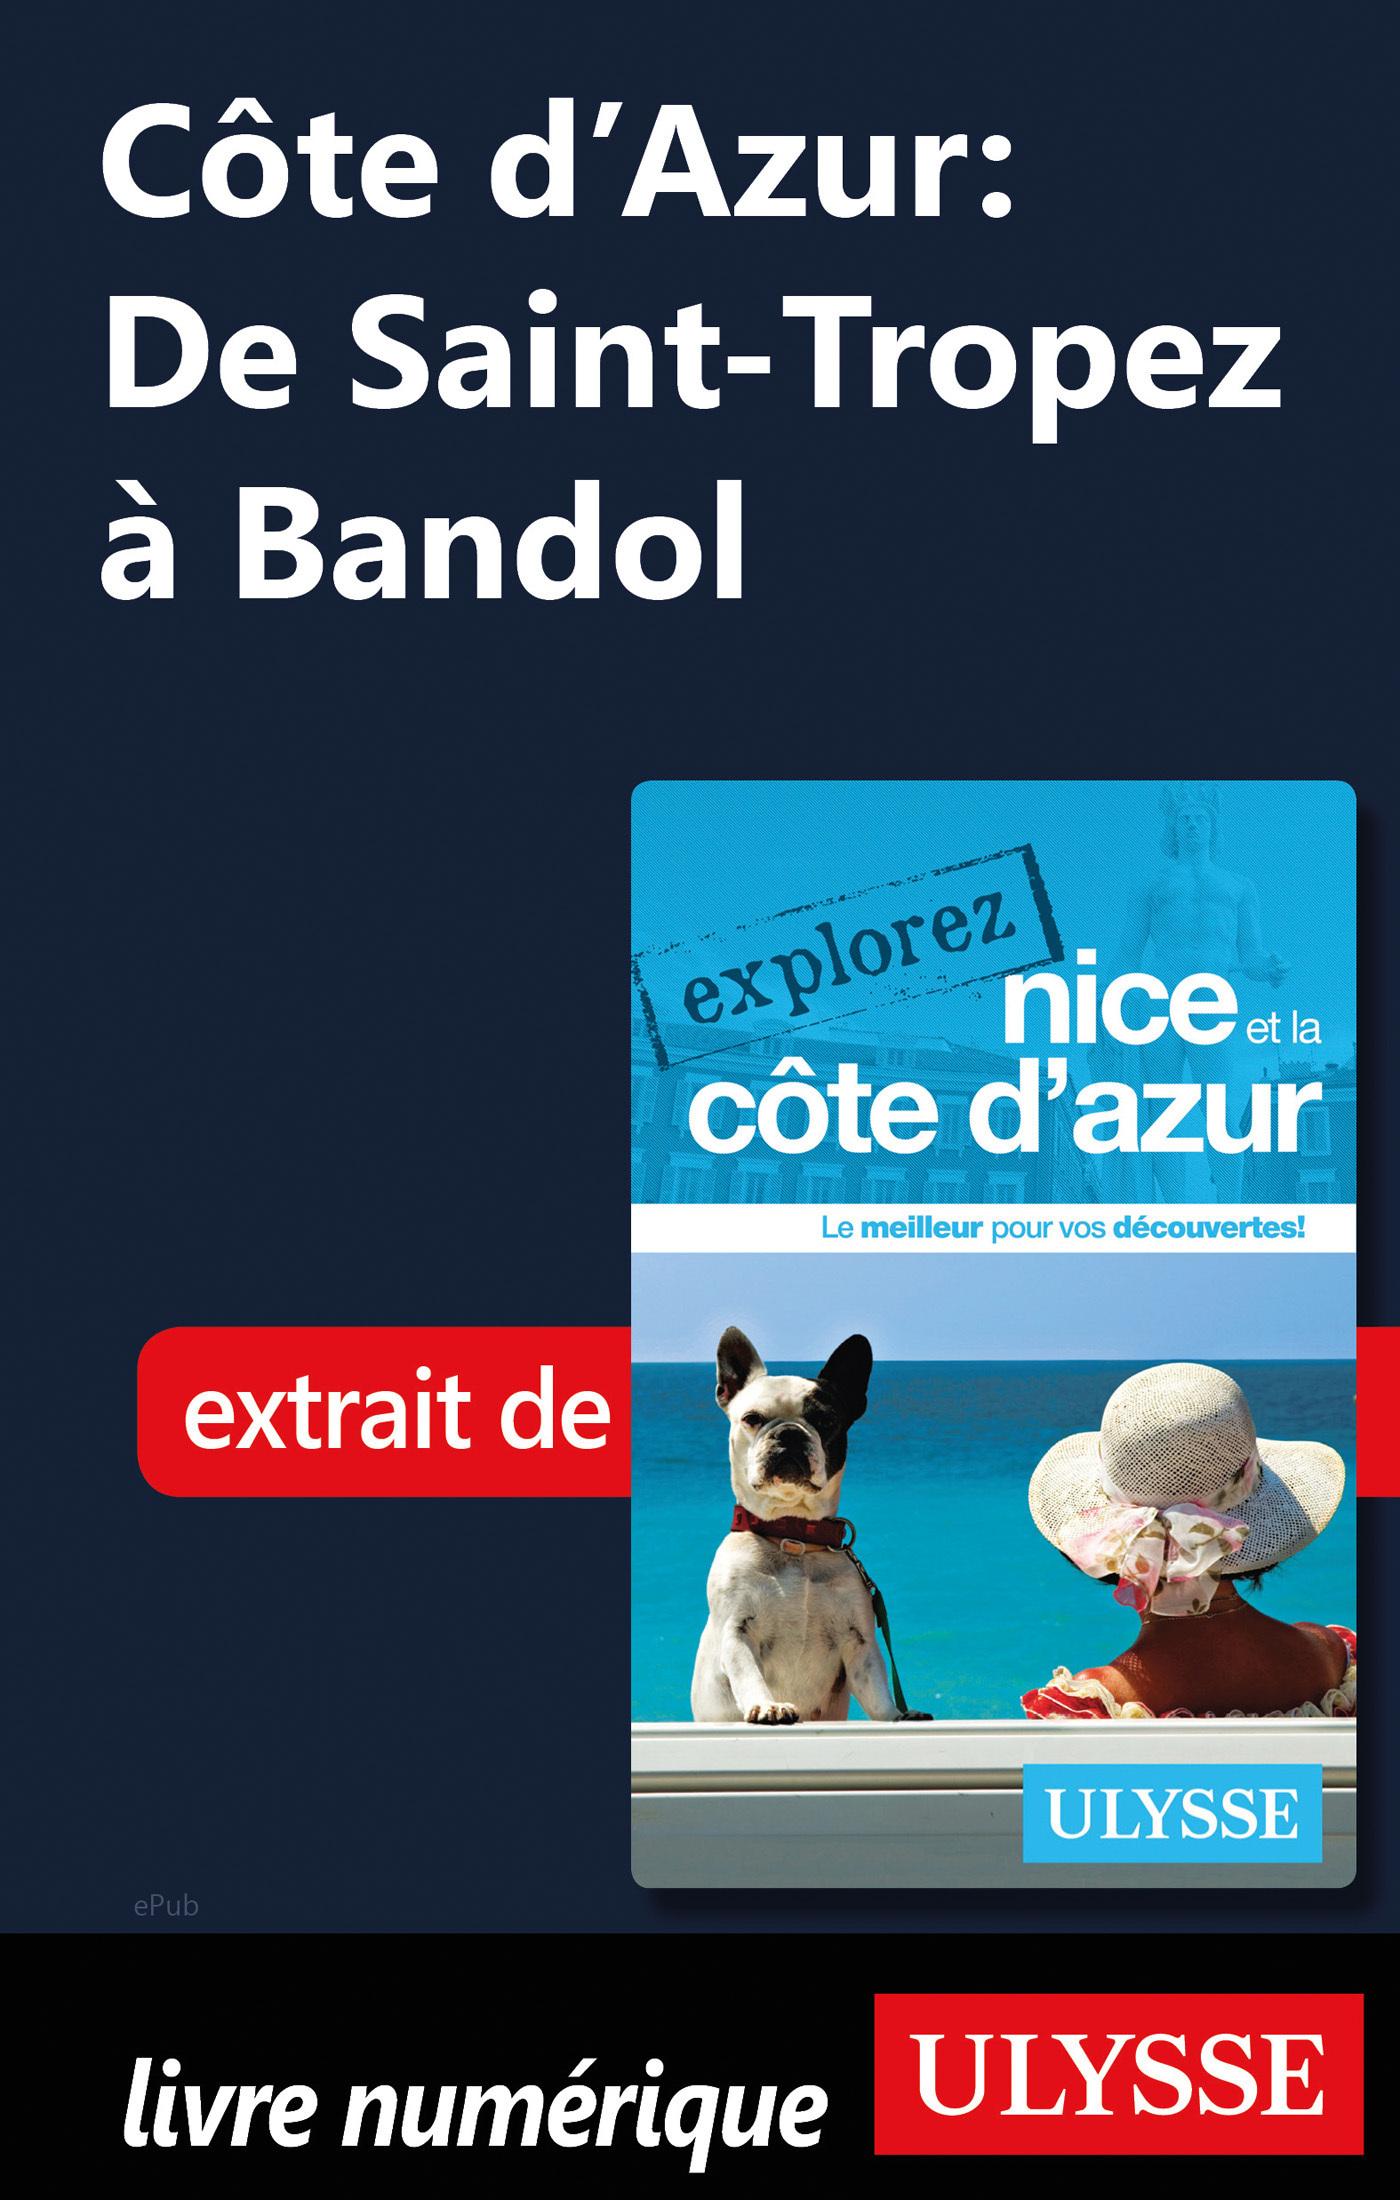 Côte d'Azur : De Saint-Tropez à Bandol